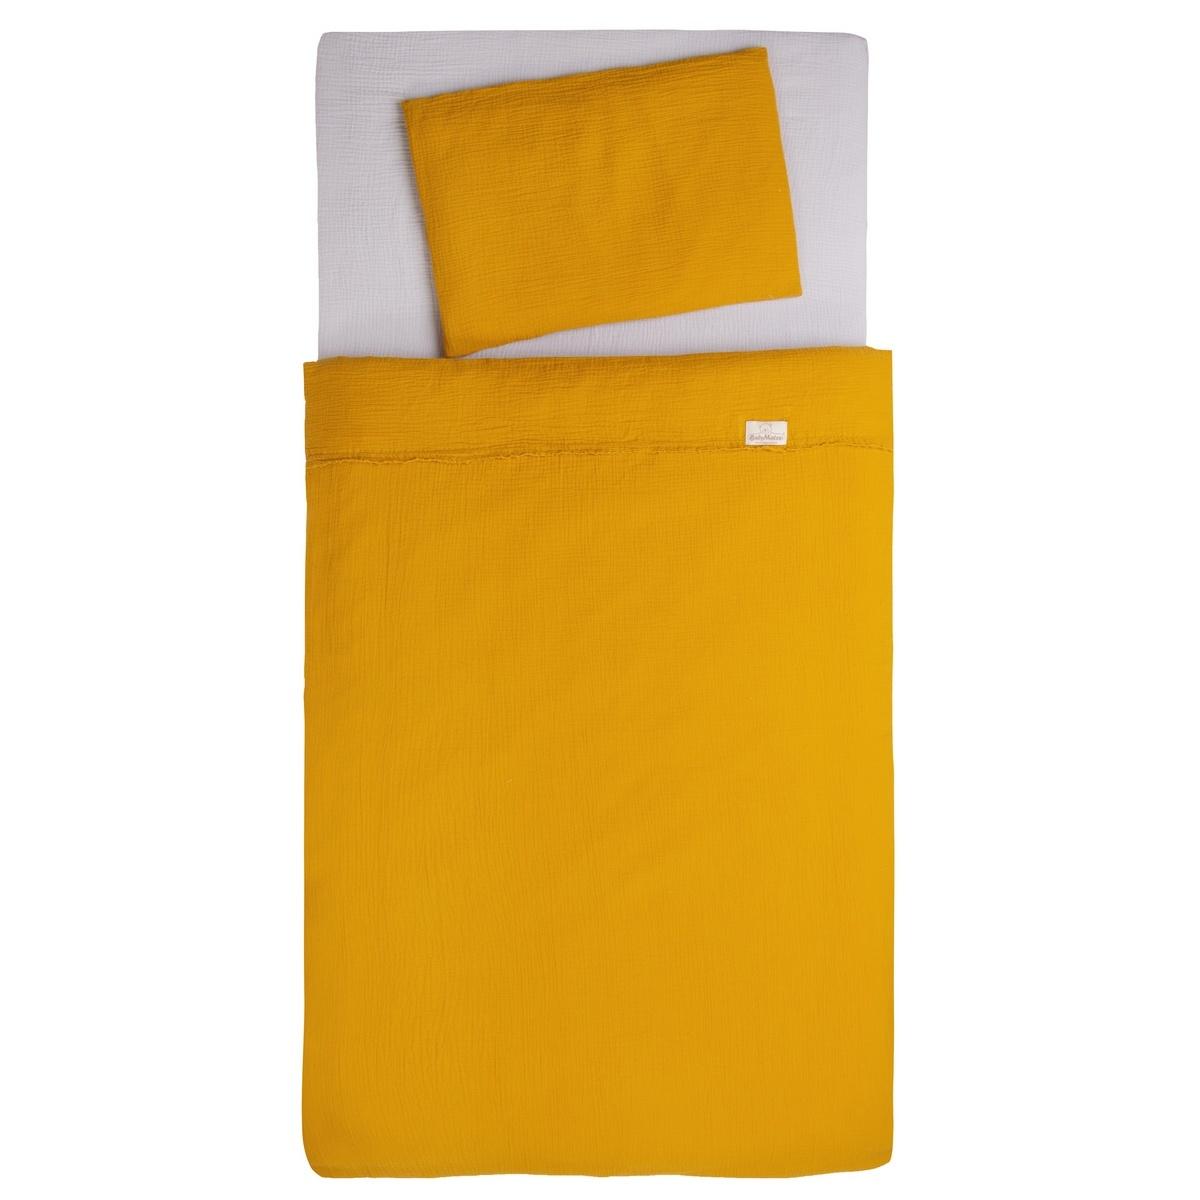 Babymatex Bavlnené obliečky do postieľky žltá, 100 x 135 cm, 40 x 60 cm